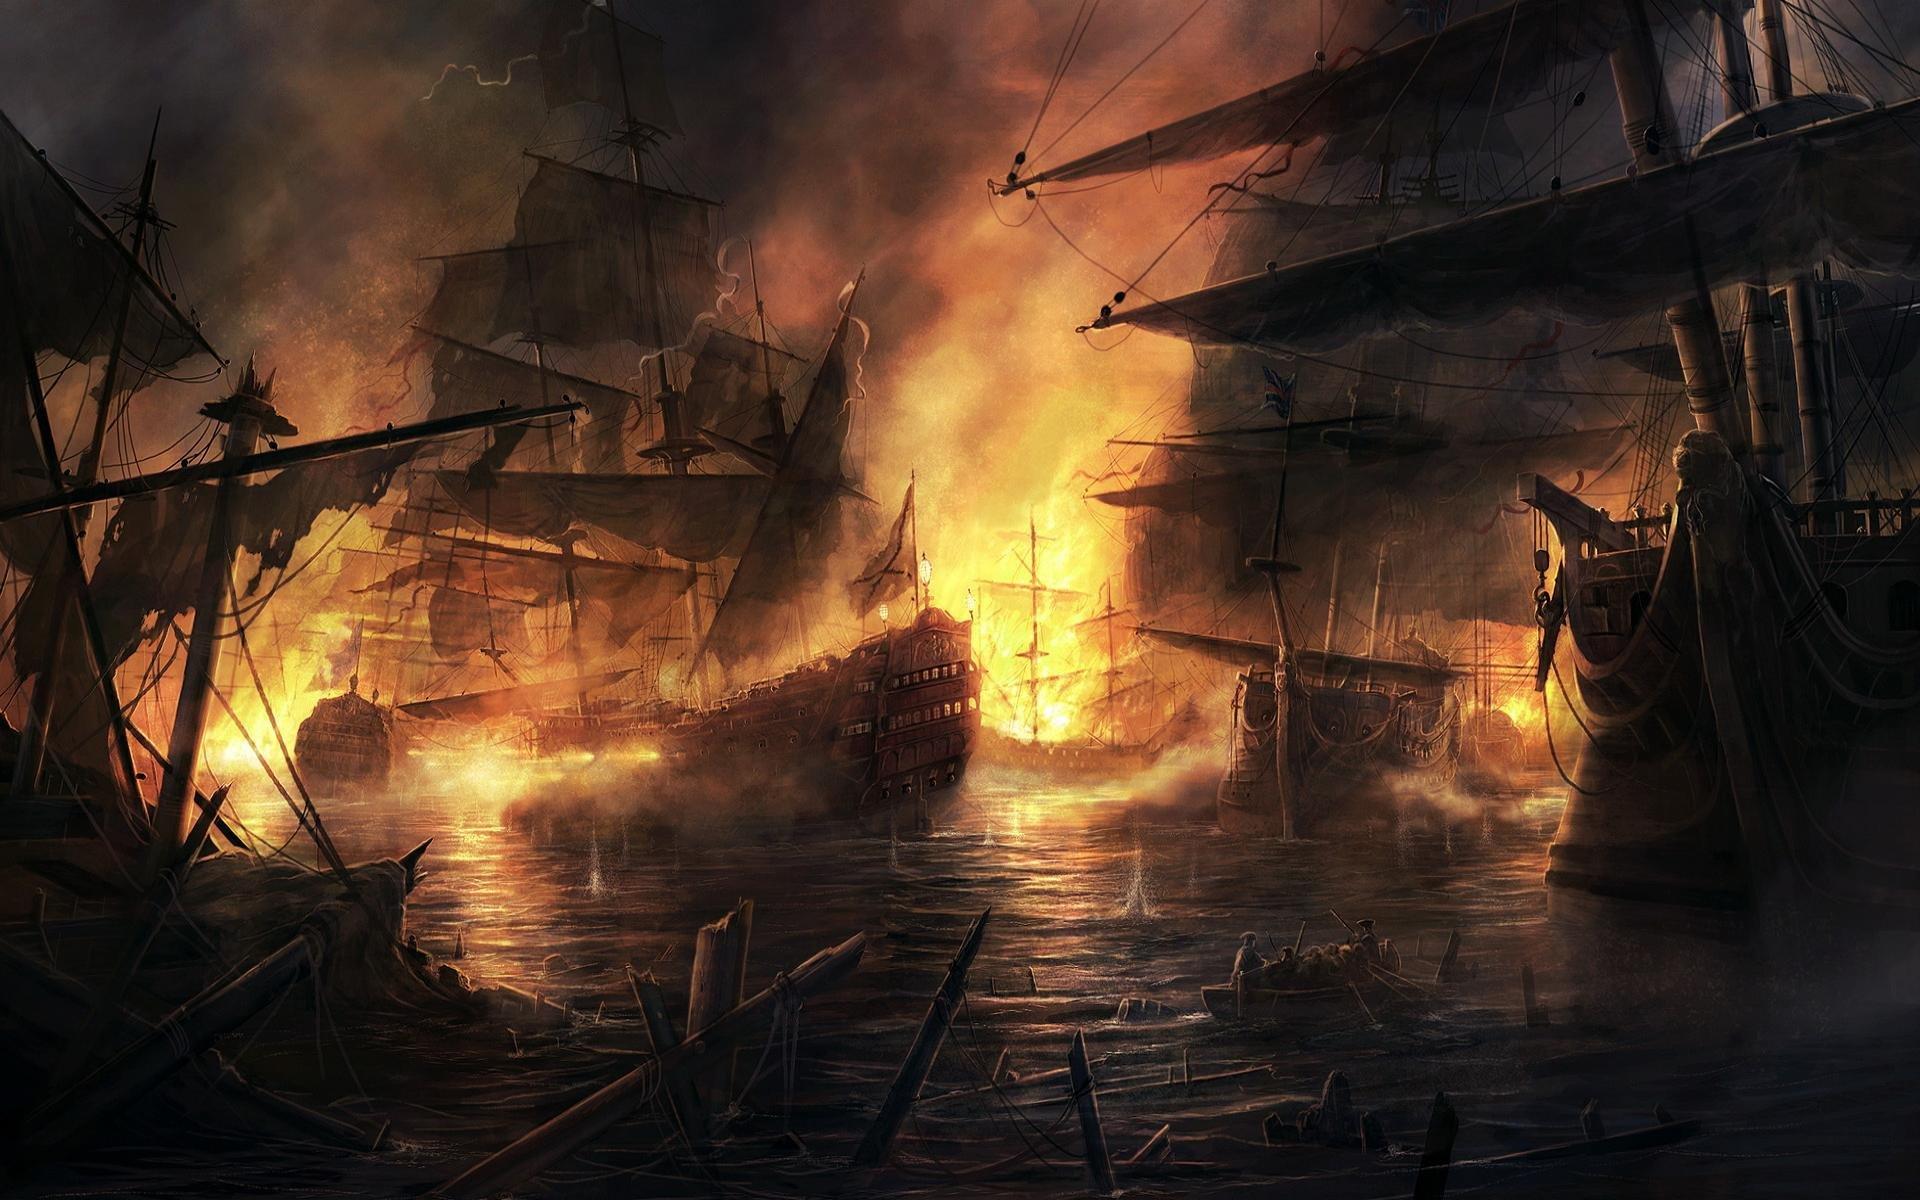 https://wallpapermemory.com/uploads/347/empire-total-war-background-hd-1920x1200-143044.jpg